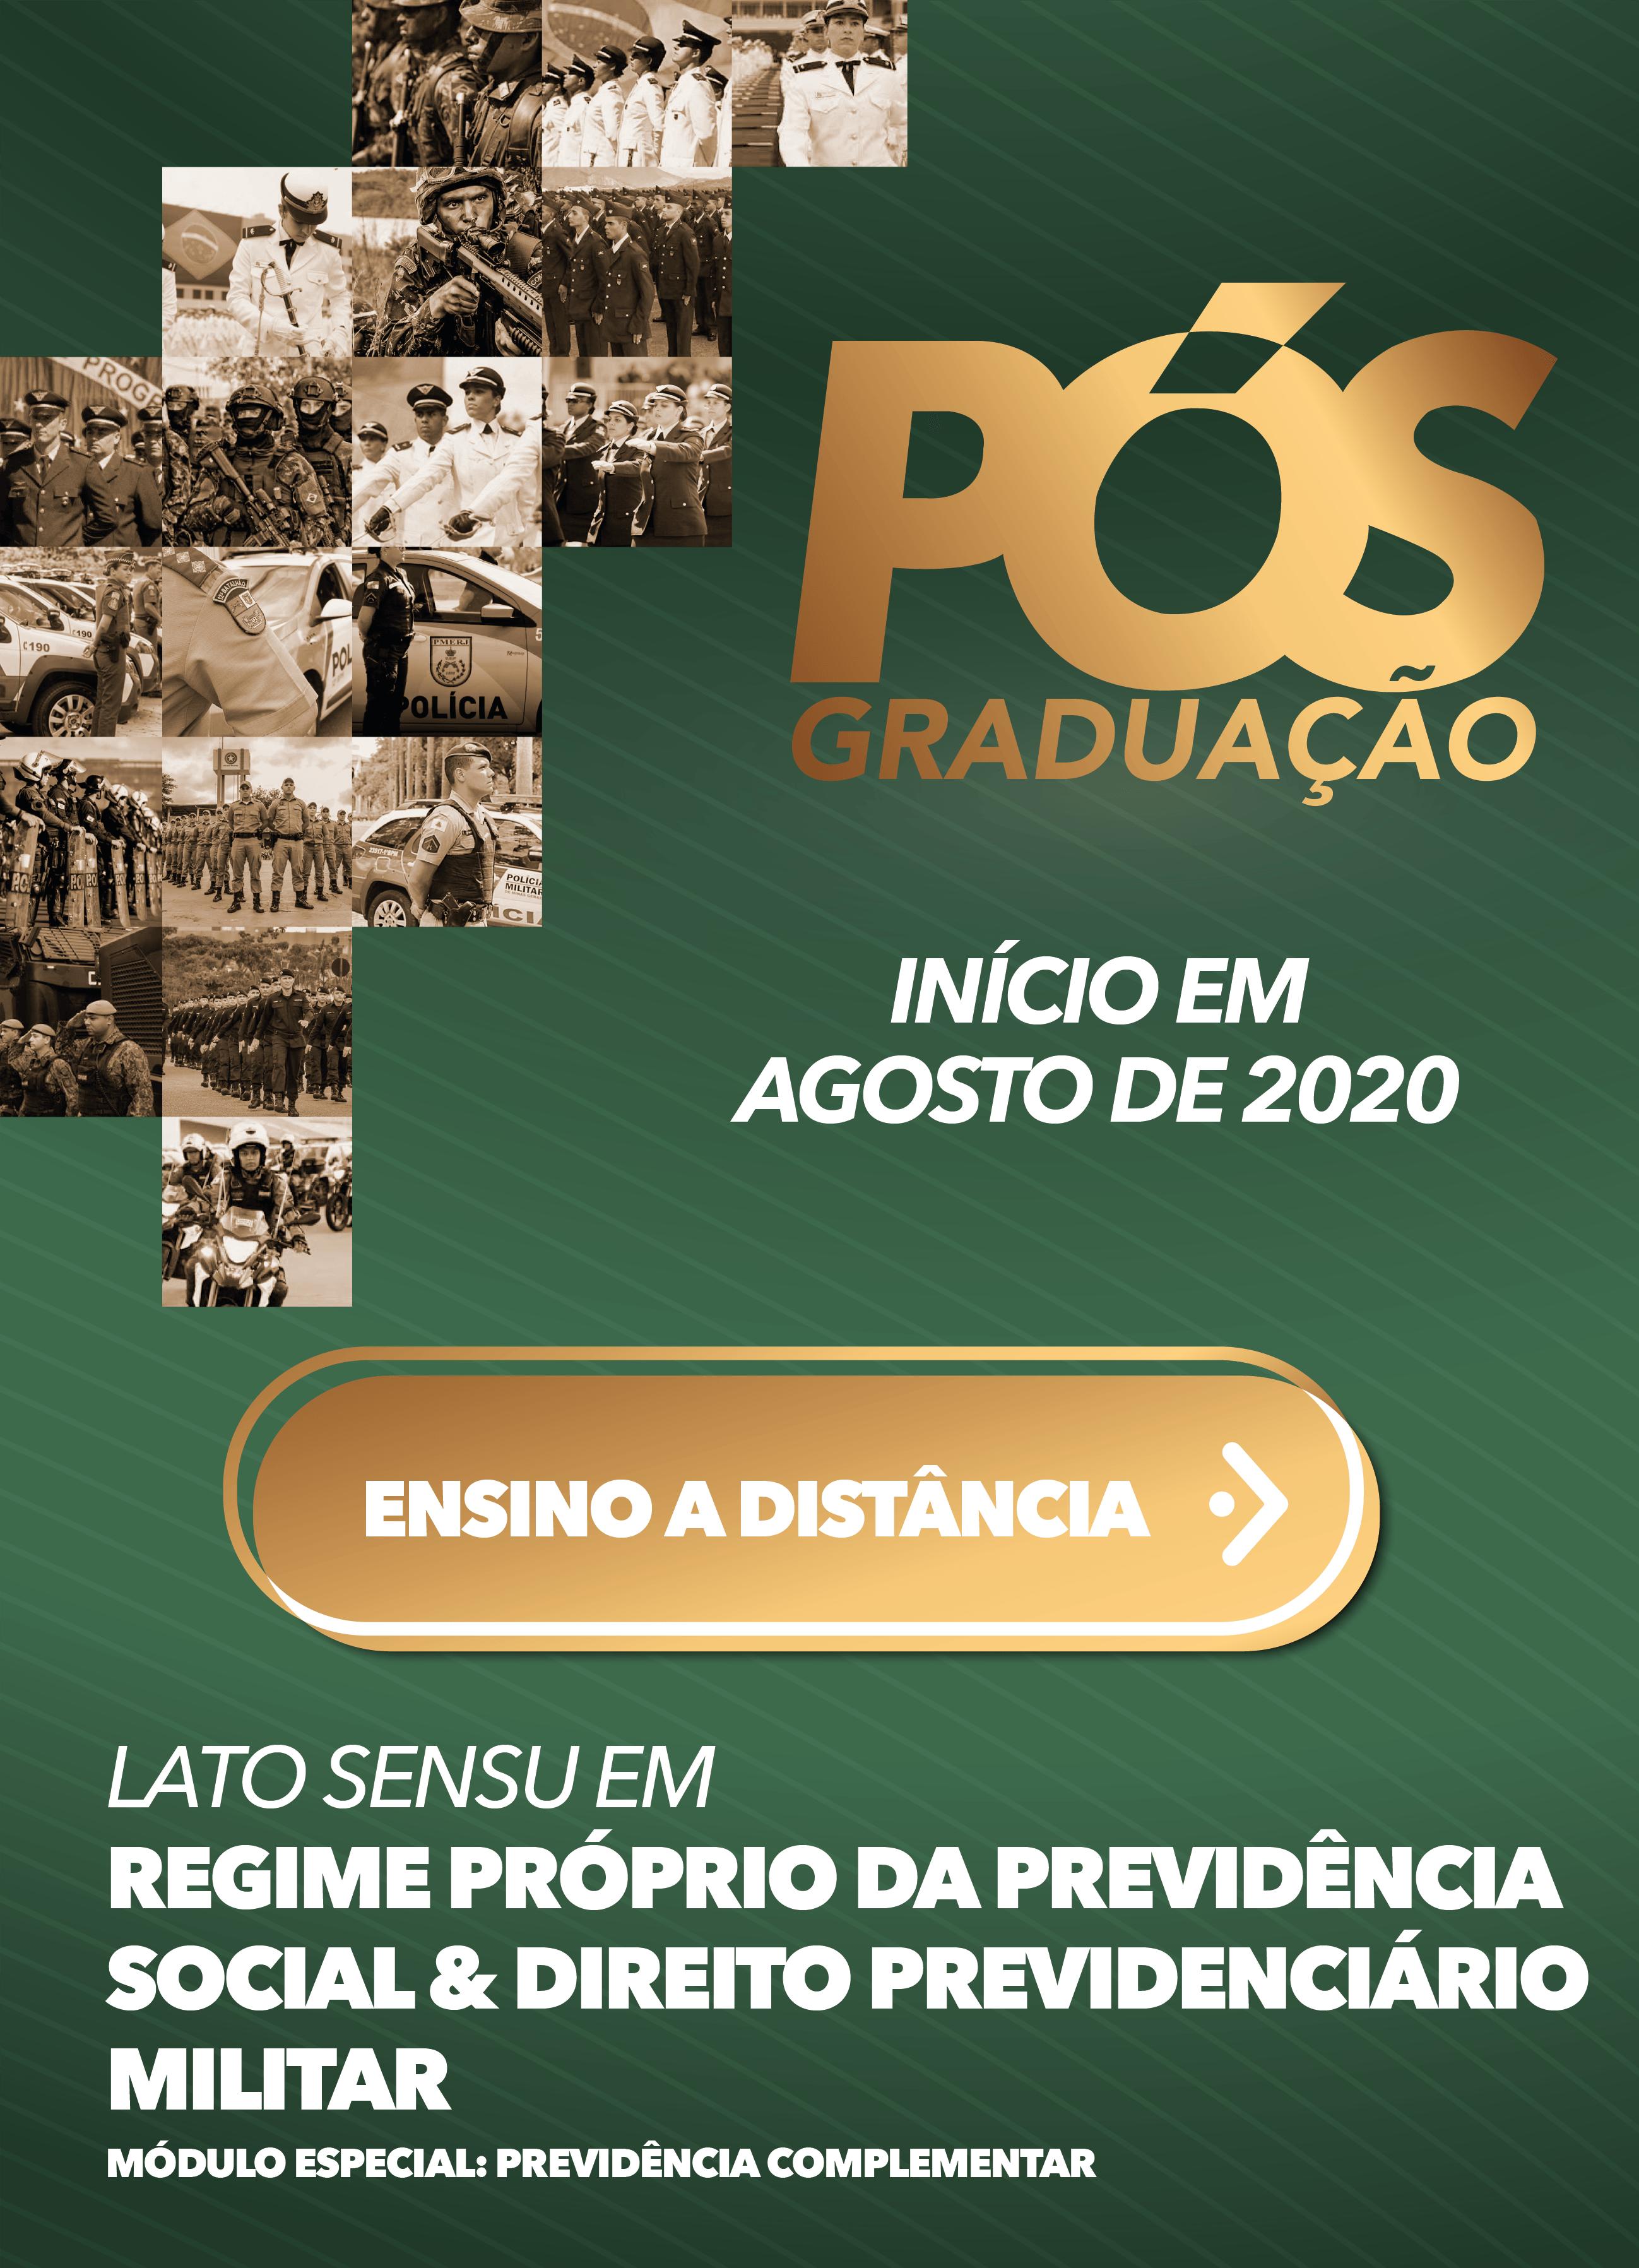 2020.2 - EAD - RPPS & DIREITO PREVIDENCIARIO MILITAR